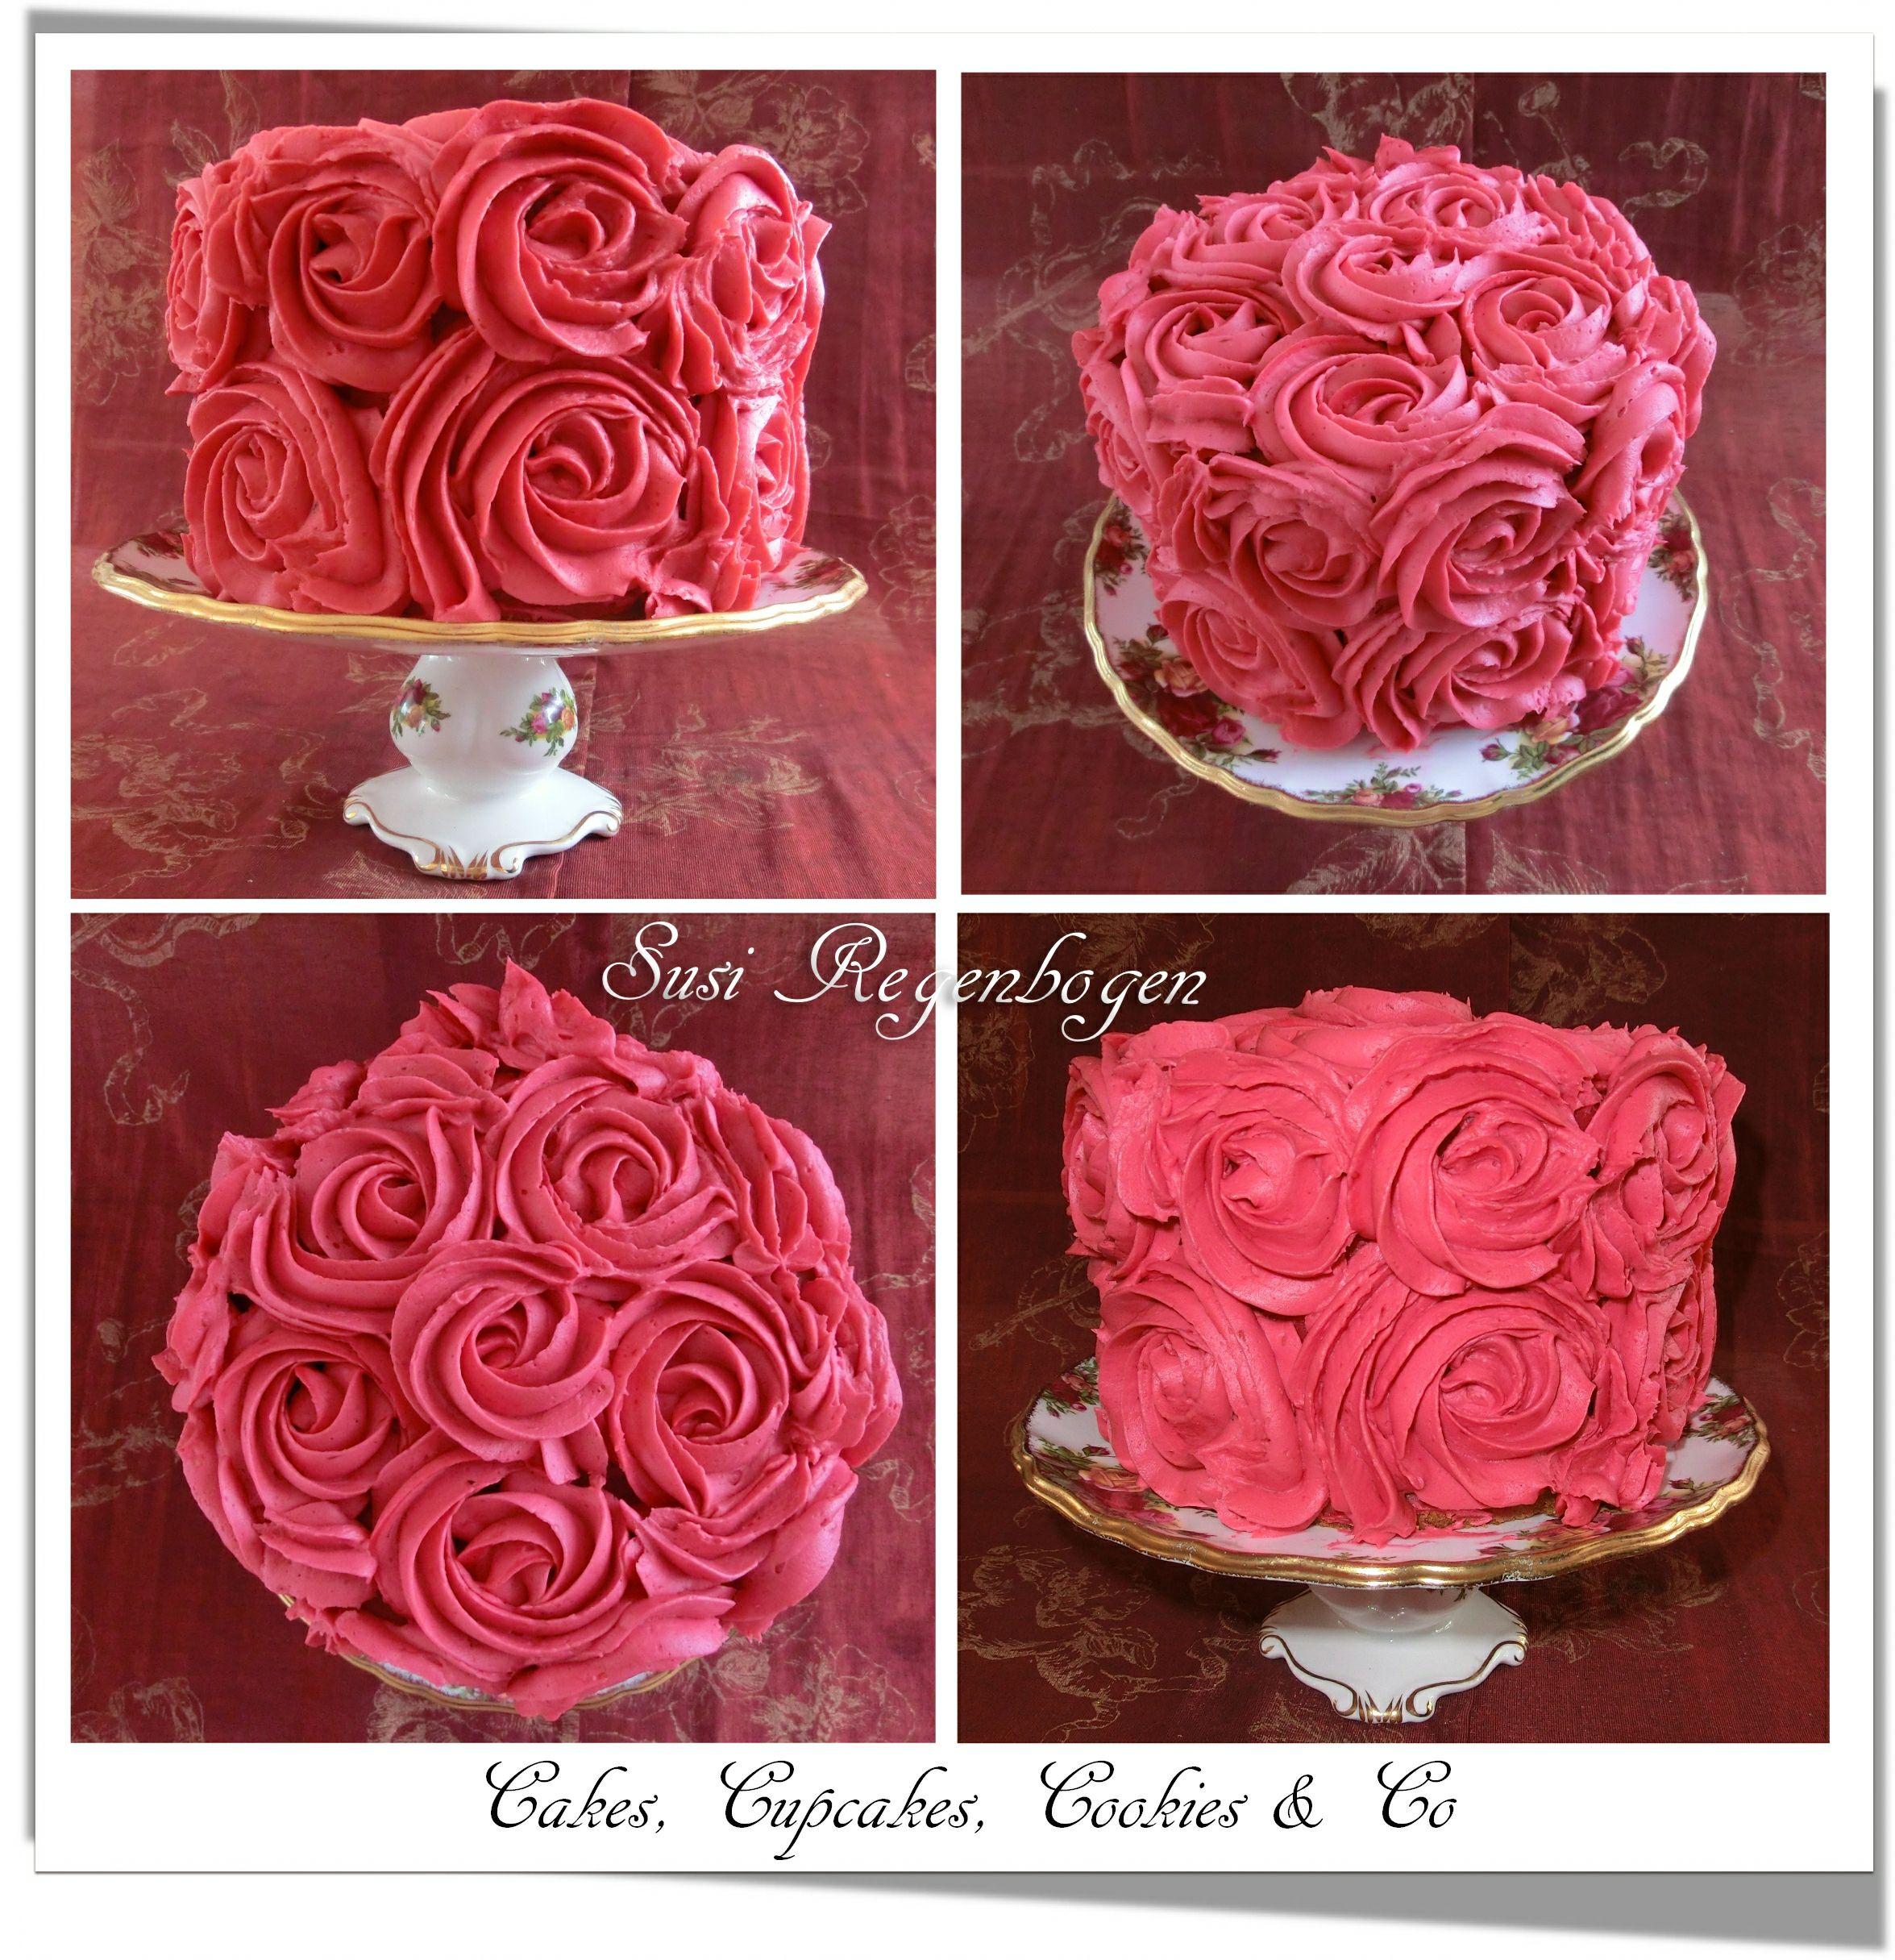 Buttercreme Rosen Torte Buttercreme Roses Cake Cake Decorating